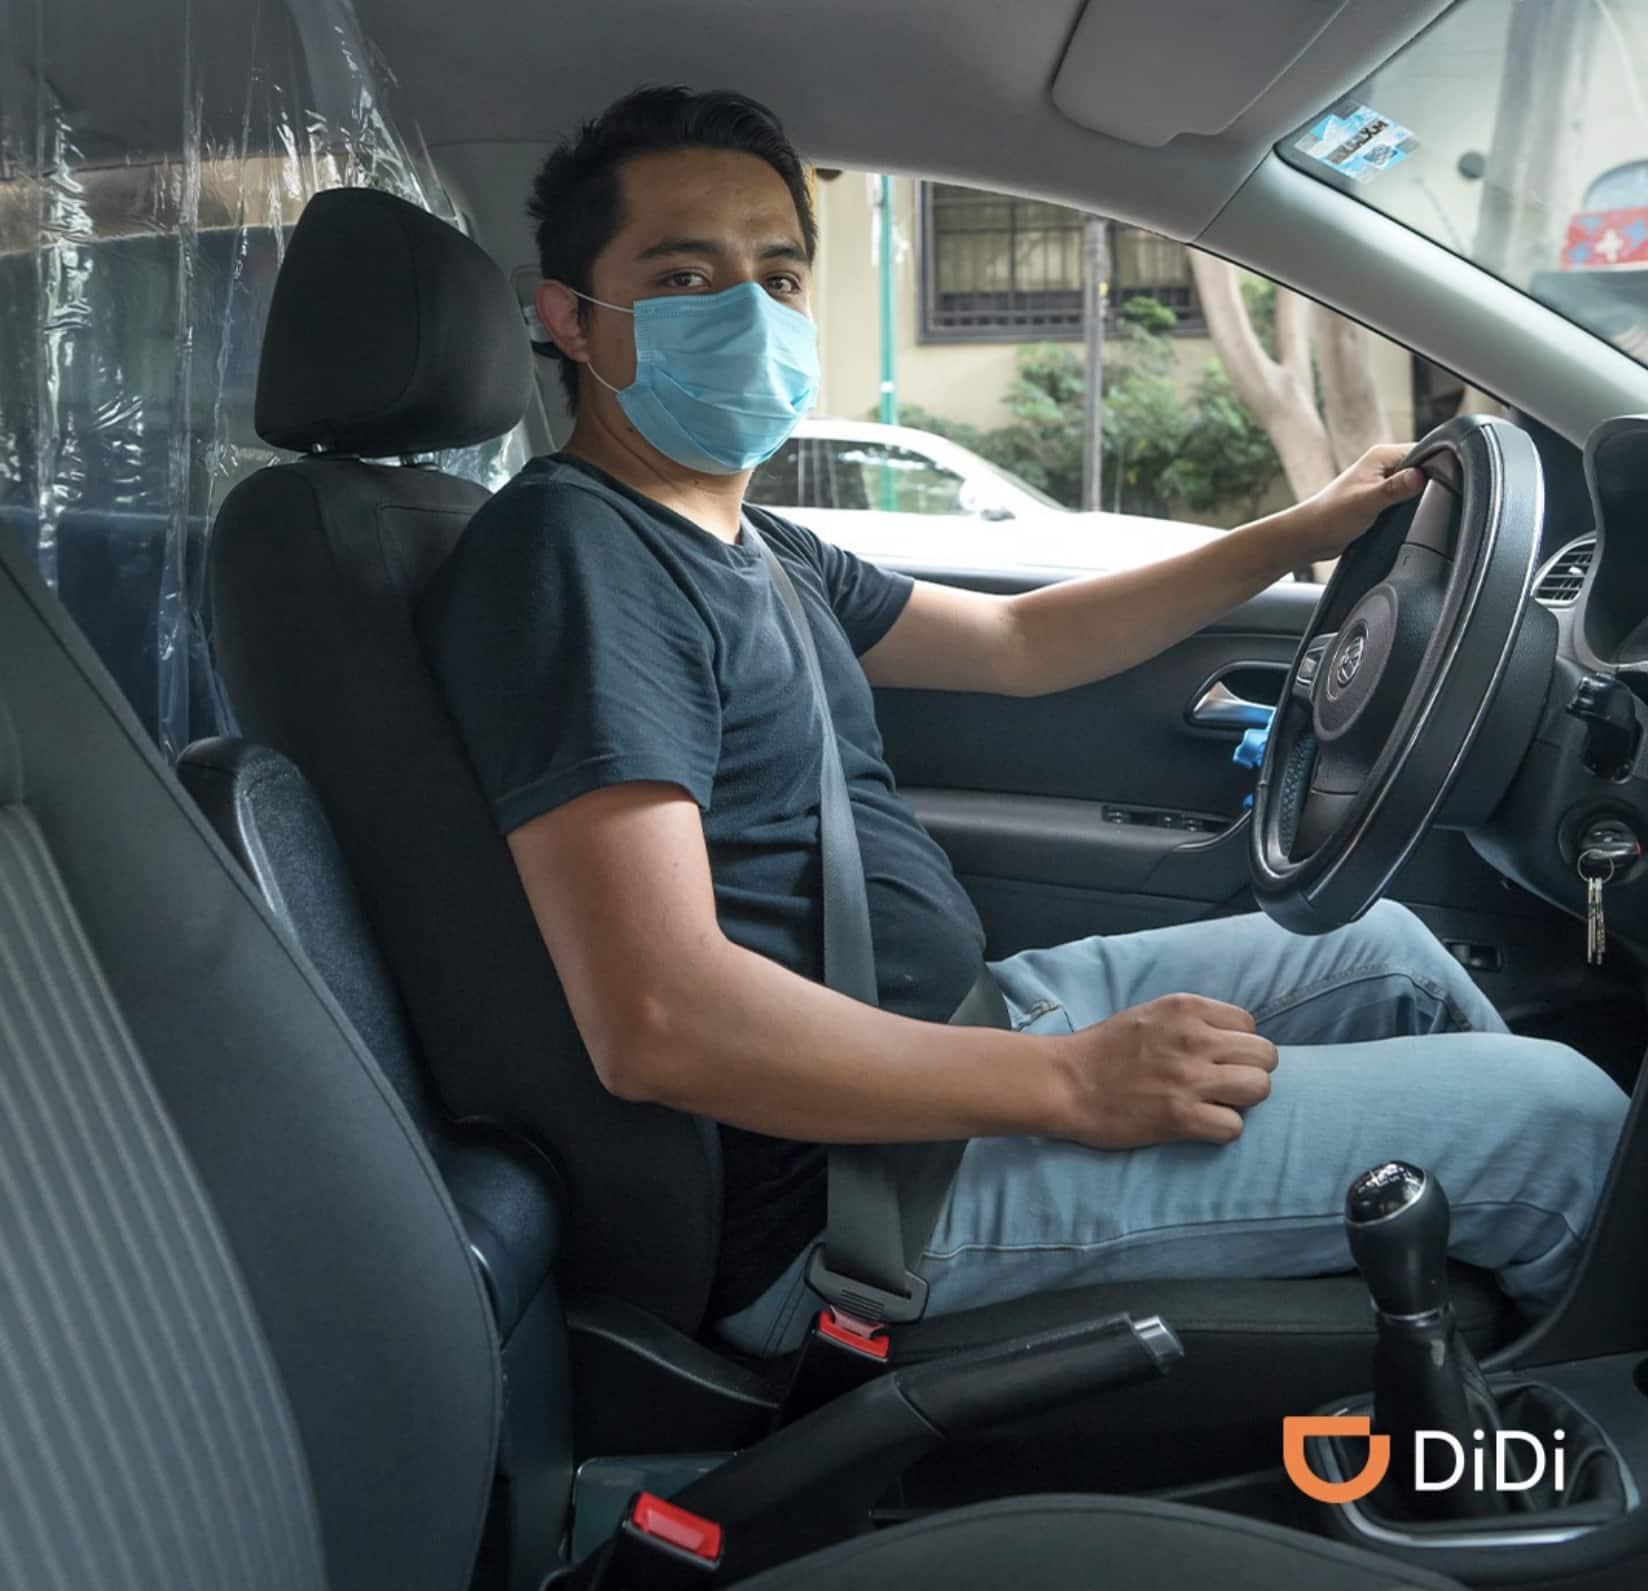 cámaras de seguridad en DiDi